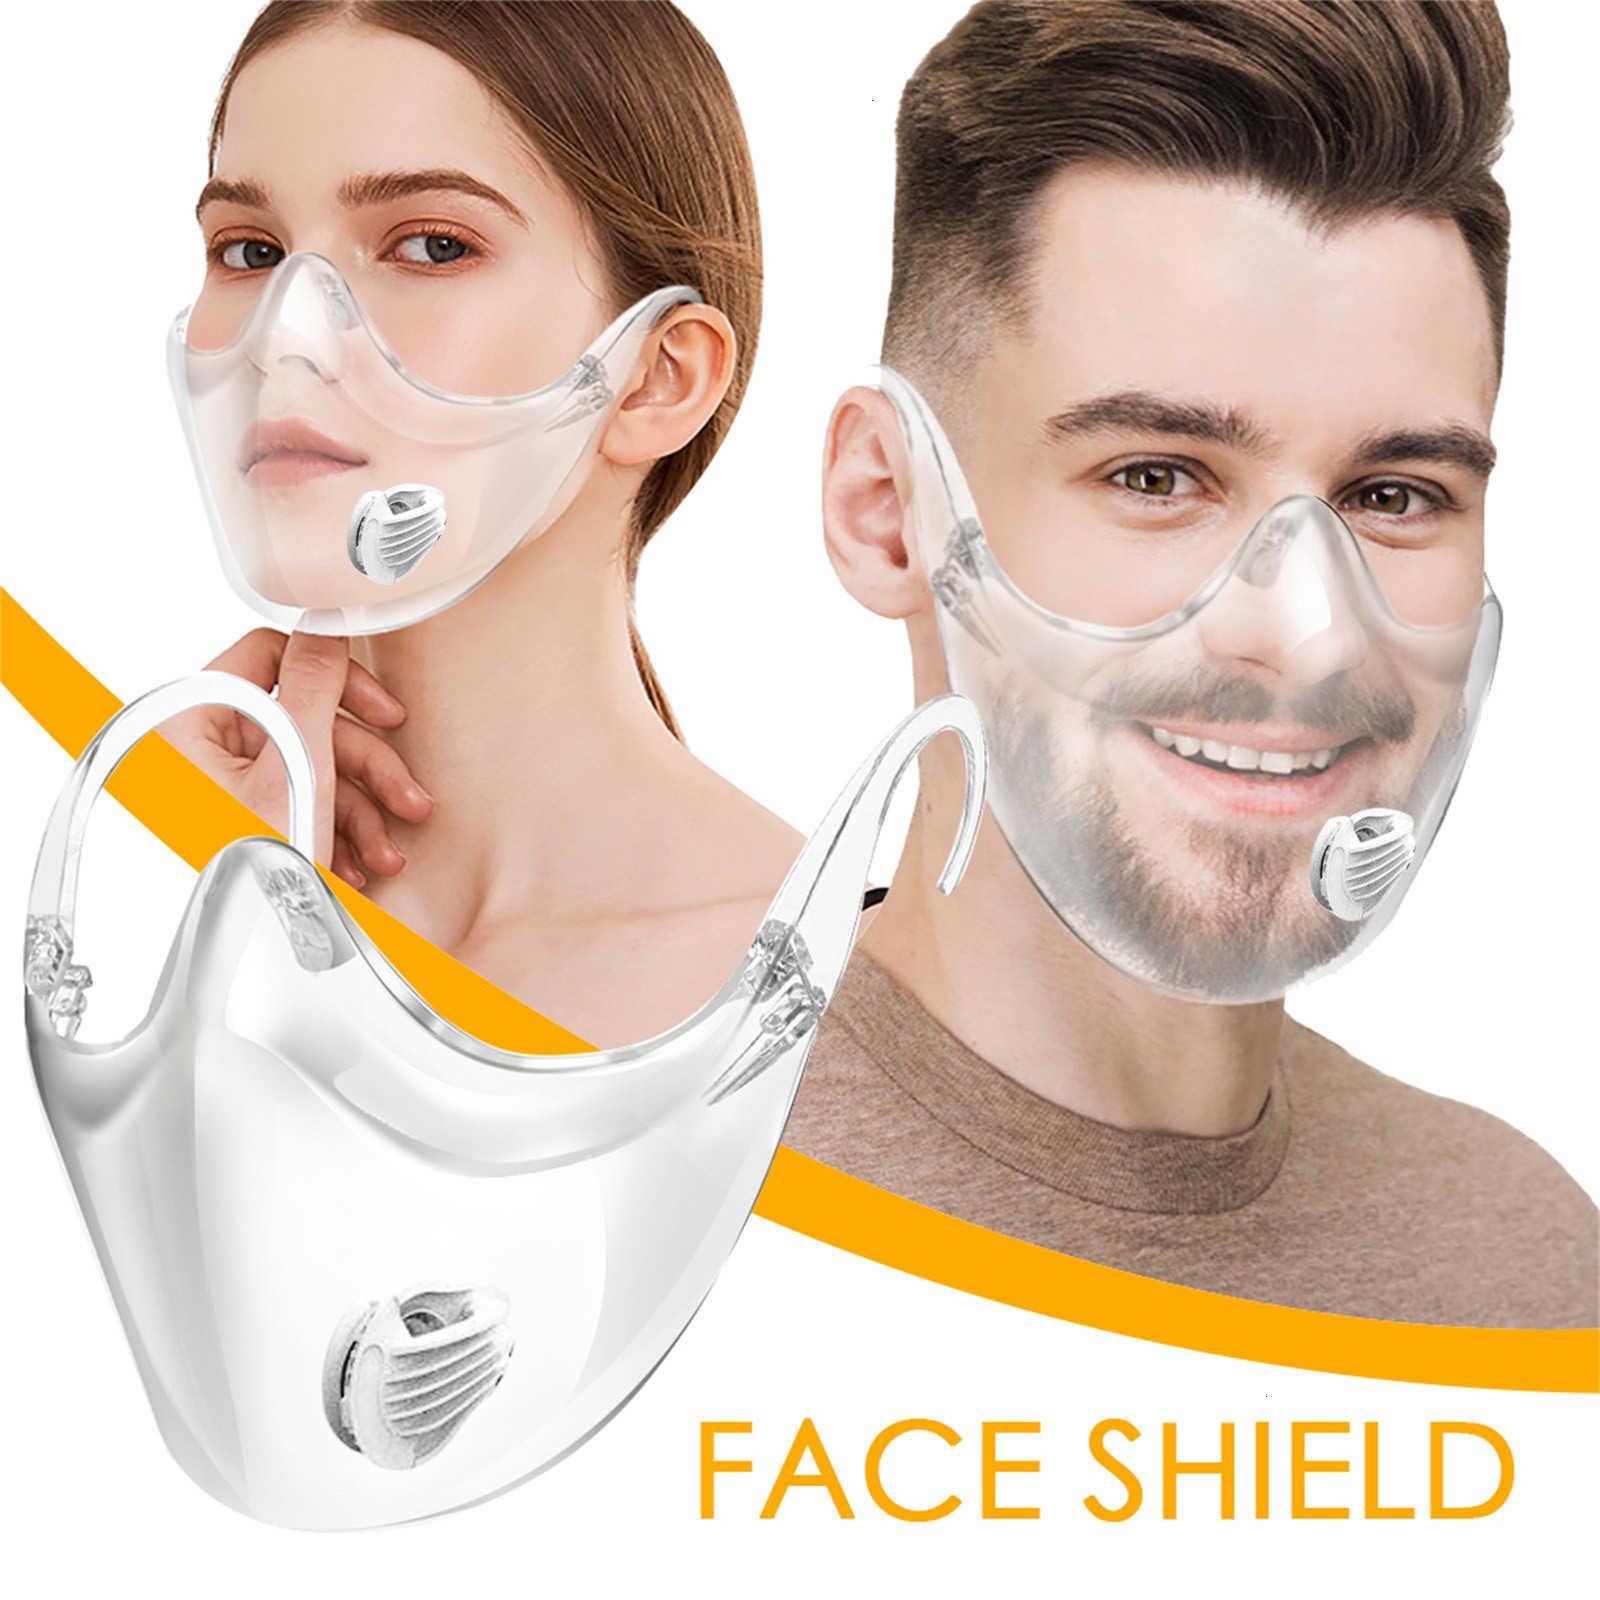 درع دائم تجمع بين البلاستيك 2020 واضح قناع الوجه ضمادة قابلة لإعادة الاستخدام غطاء الفم الأنف خوذة mondkapjw9fj